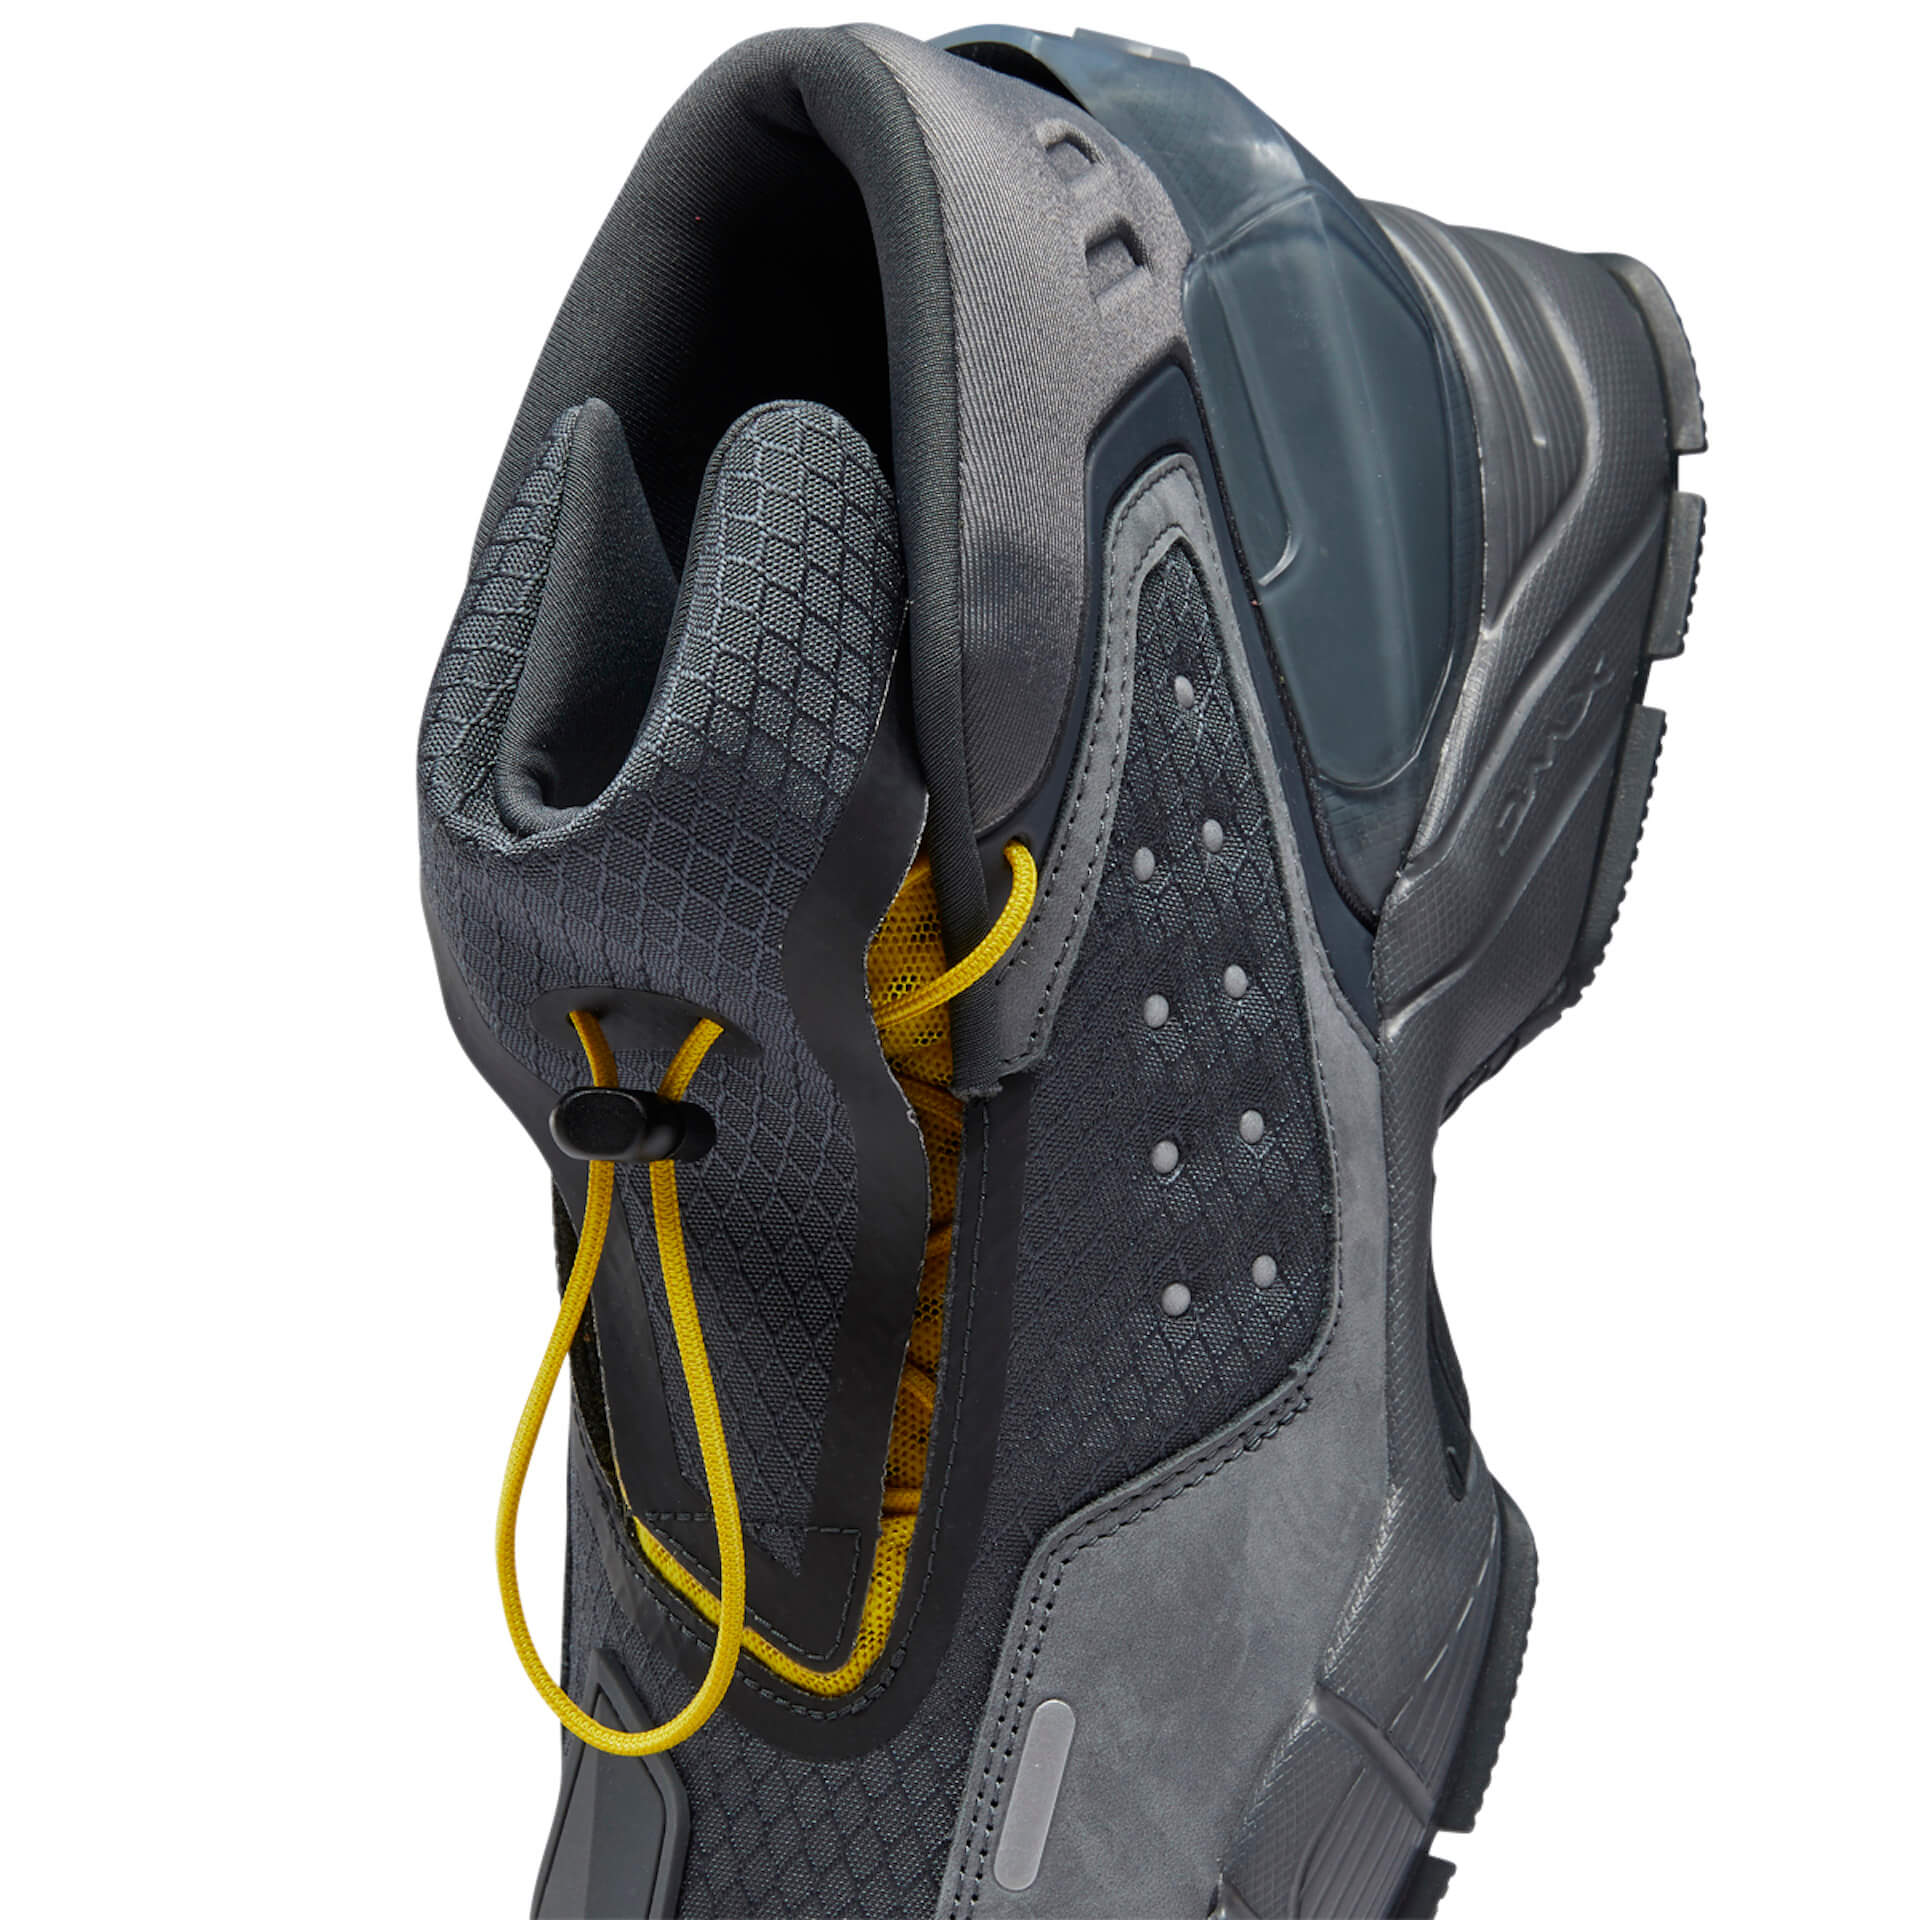 リーボックと「ゴーストバスターズ」のコラボコレクションが登場!「Ecto Boot」、「Answer IV」など5アイテムが発売 life211008_reebok_gb_11